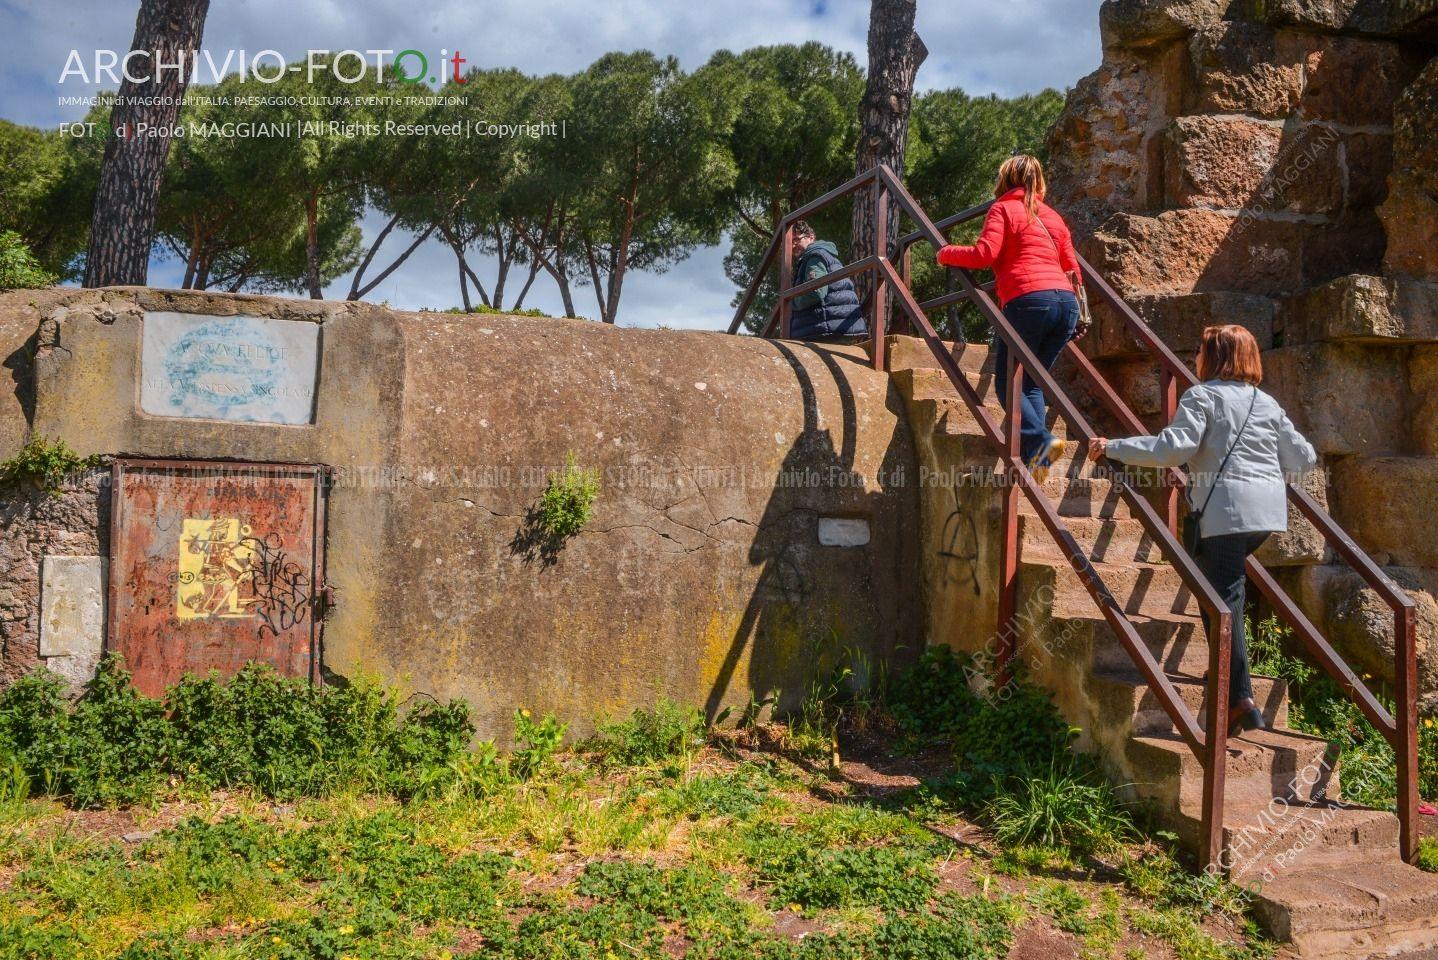 178ND61019P_MAG_3778_Paolo-Maggiani_07042019_Acquedotto-Parco-degli-acquedotti-Roma